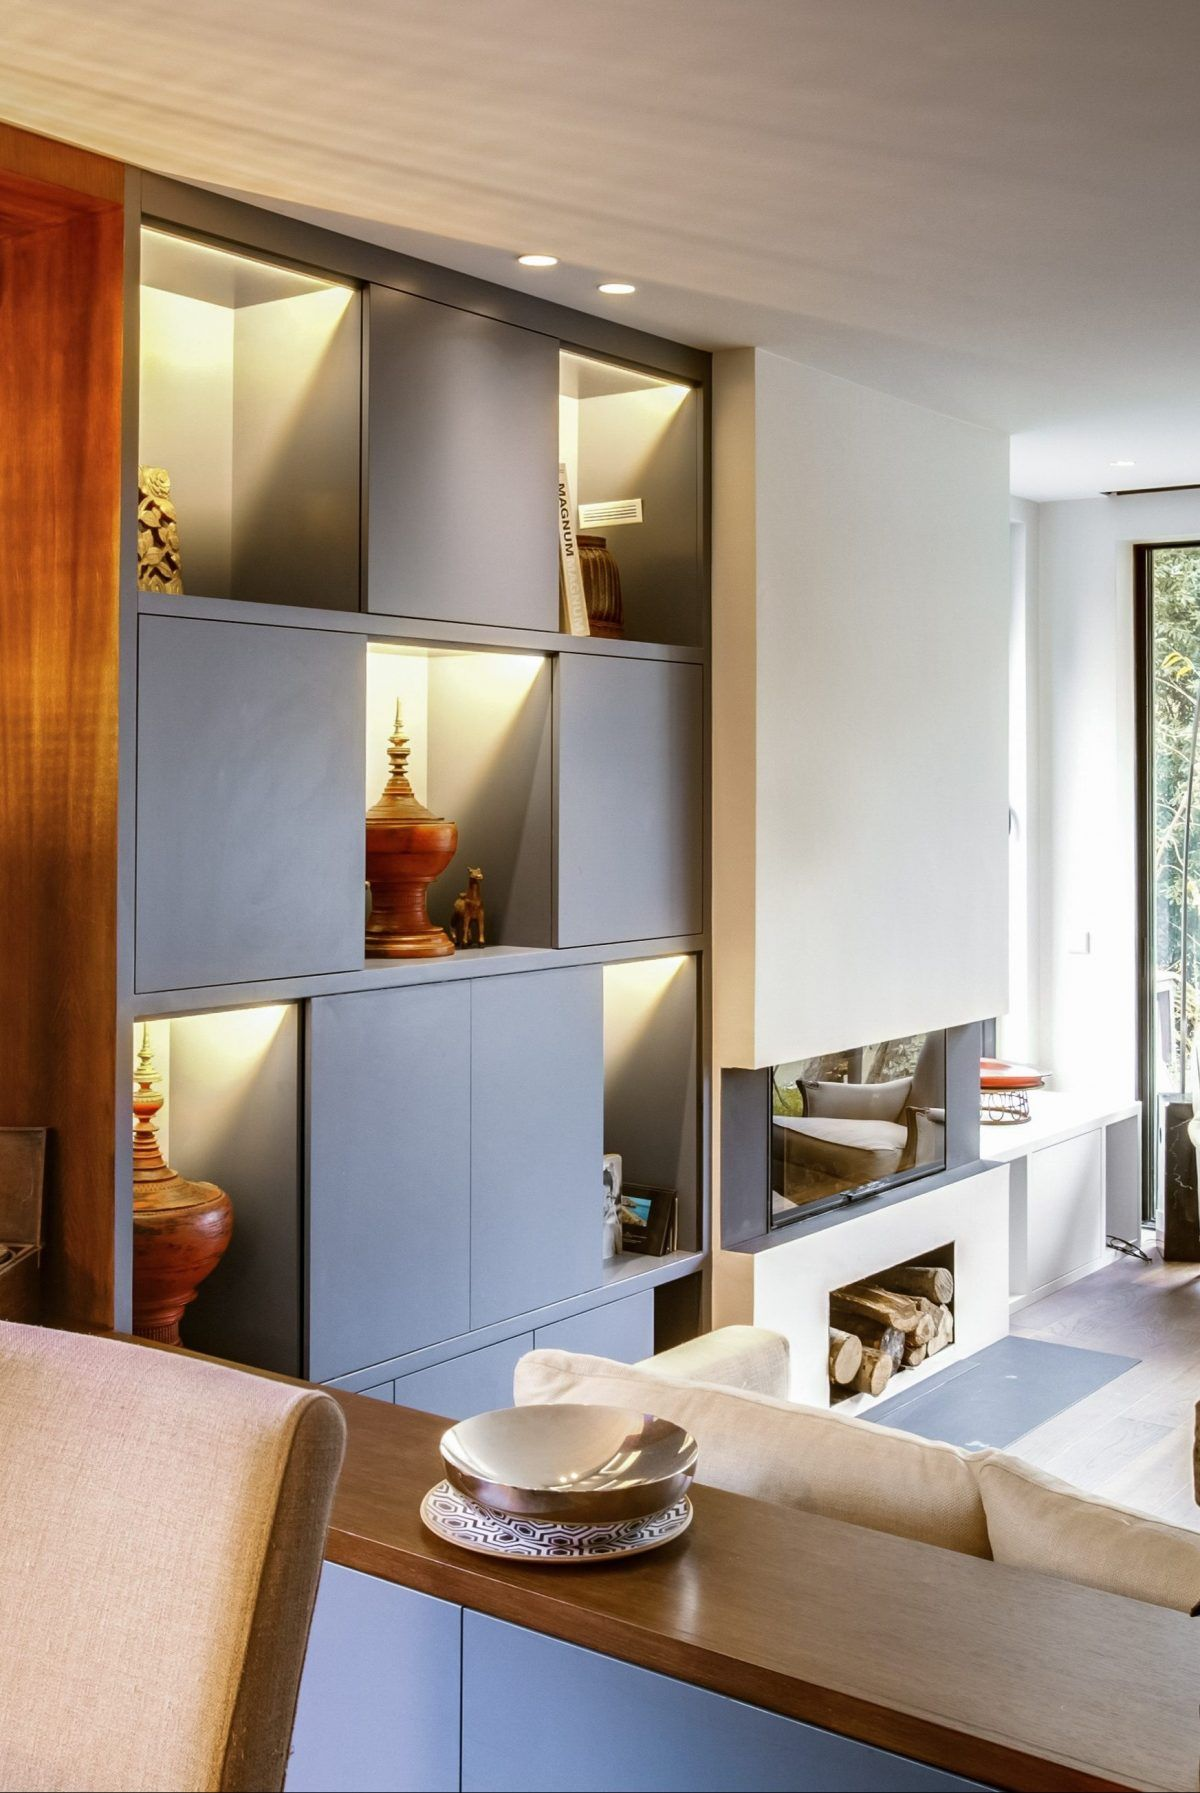 meuble de rangement sur mesure bibliotheque tv hifi retour cote salle